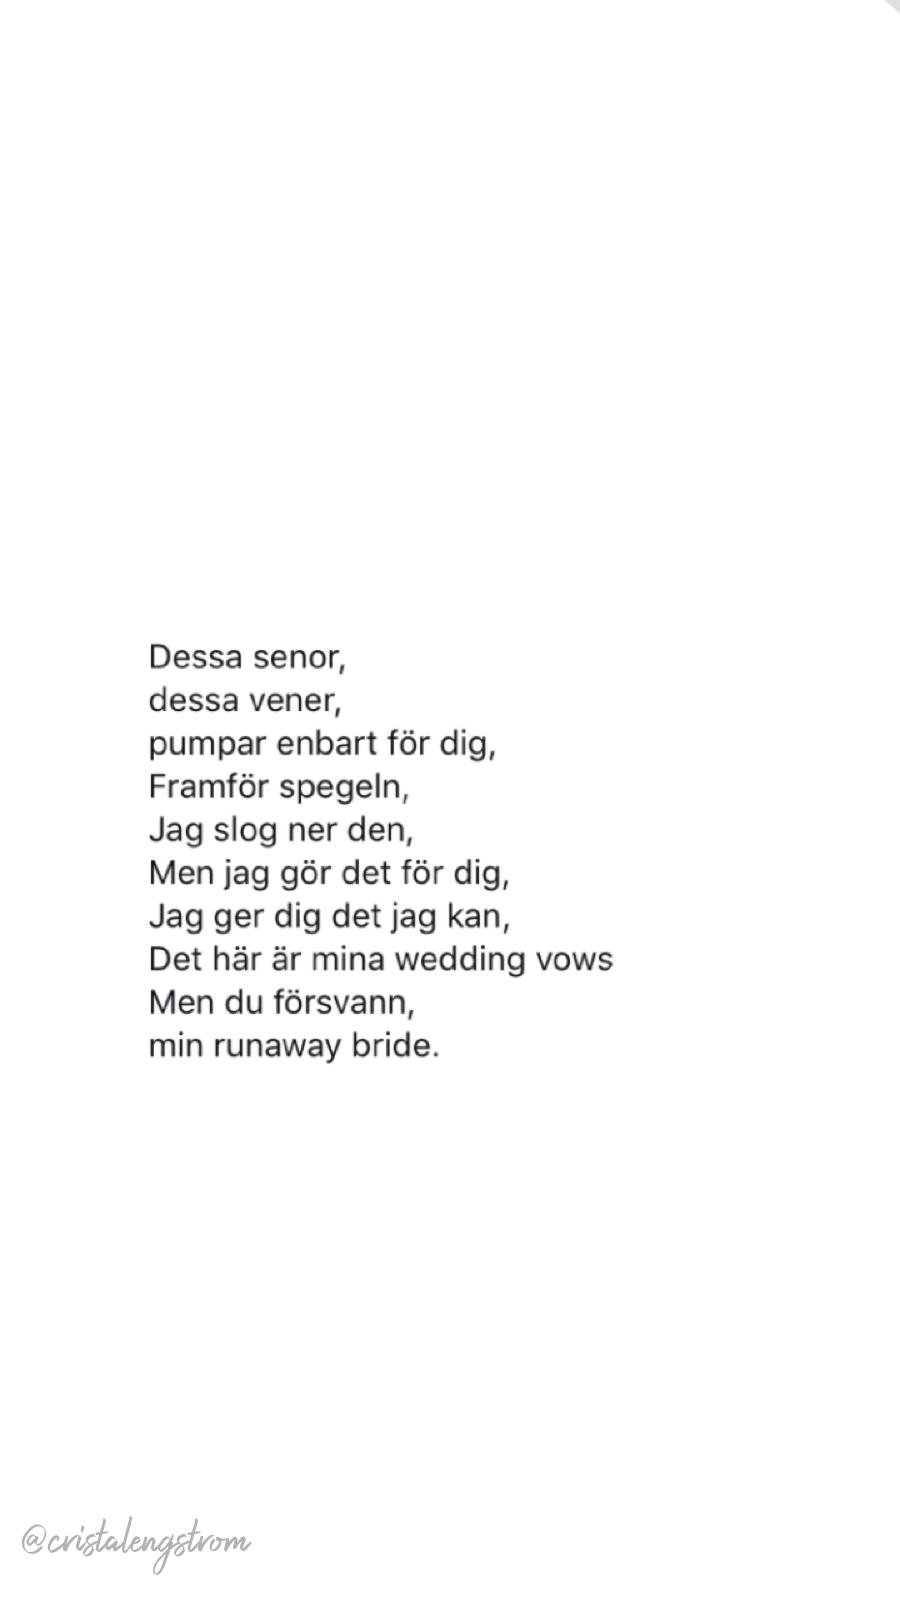 Noel Flike Hov1 Runaway Bride Lyrics Citat Karlek Citat Hjart Citat Instagram Citat